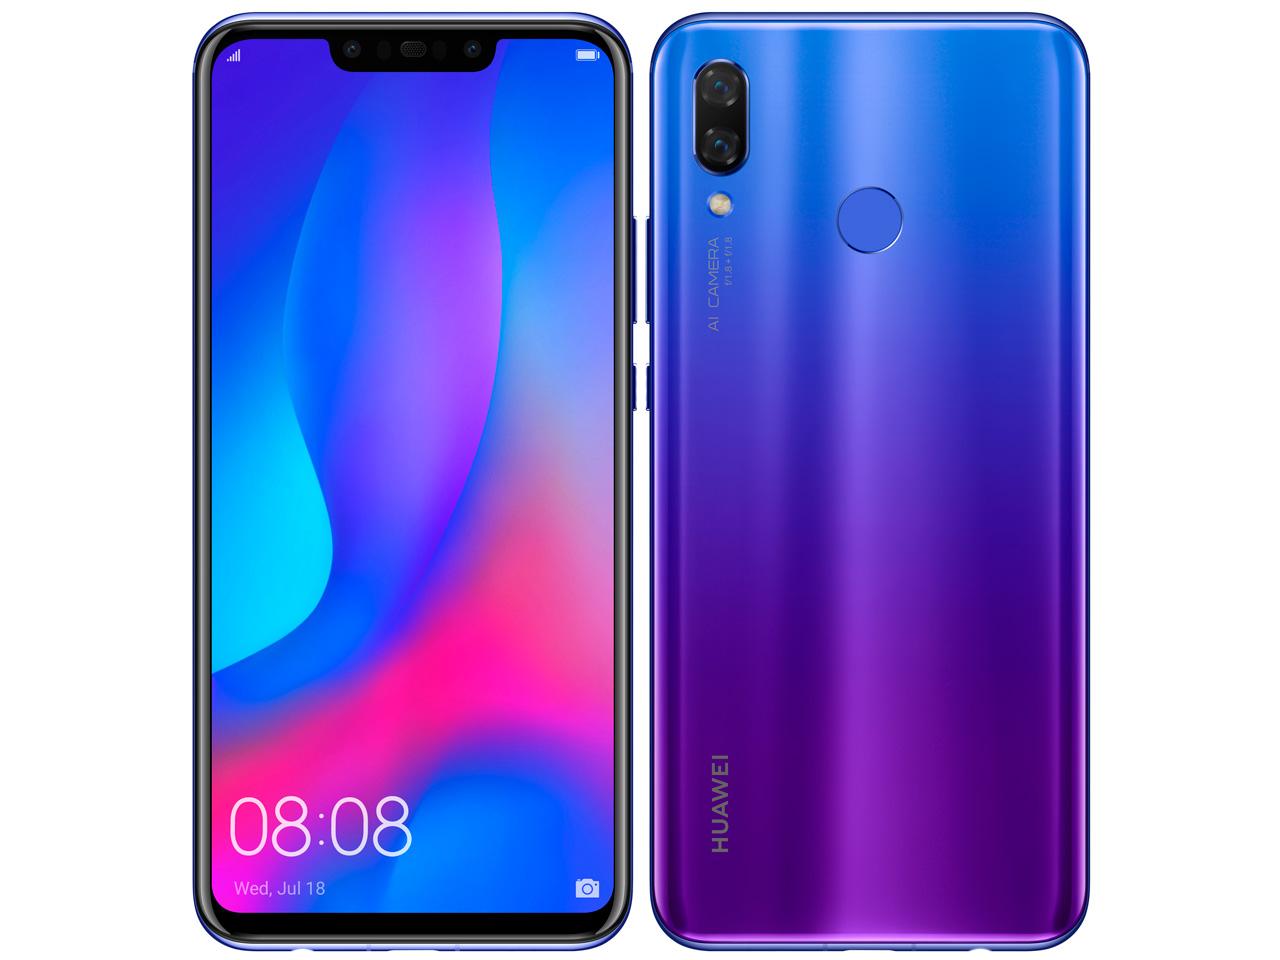 【新品未開封・白ロム・本体】HUAWEI nova 3 スマートフォン 携帯電話 SIMフリー HUAWEI NOVA 3 アイリスパープル PAR-LX9 アイリスパープル NOVA3